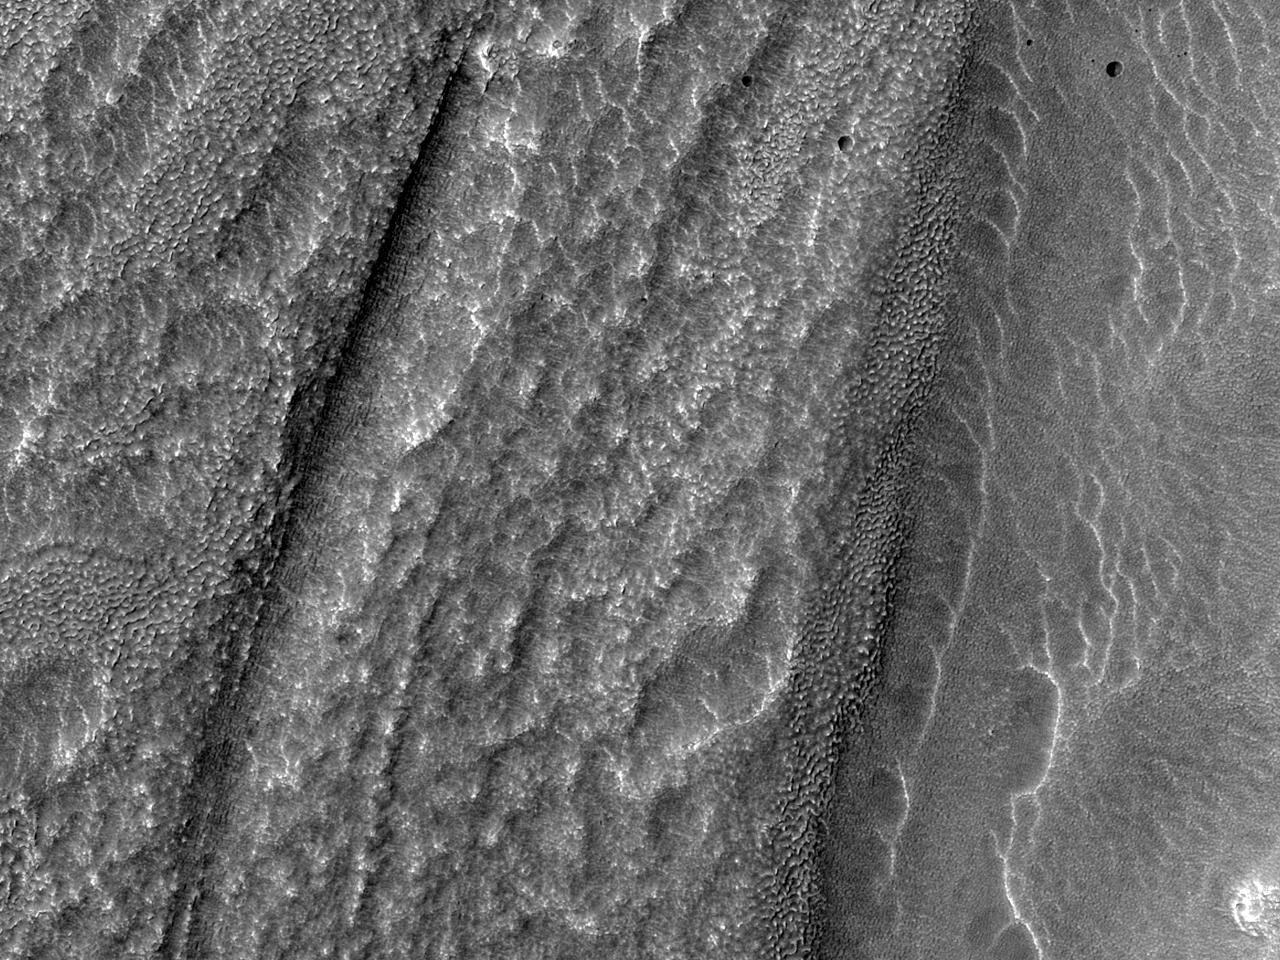 تدفقات بين هضاب في منطقة ديترونليس (Deuteronilus Mensae)